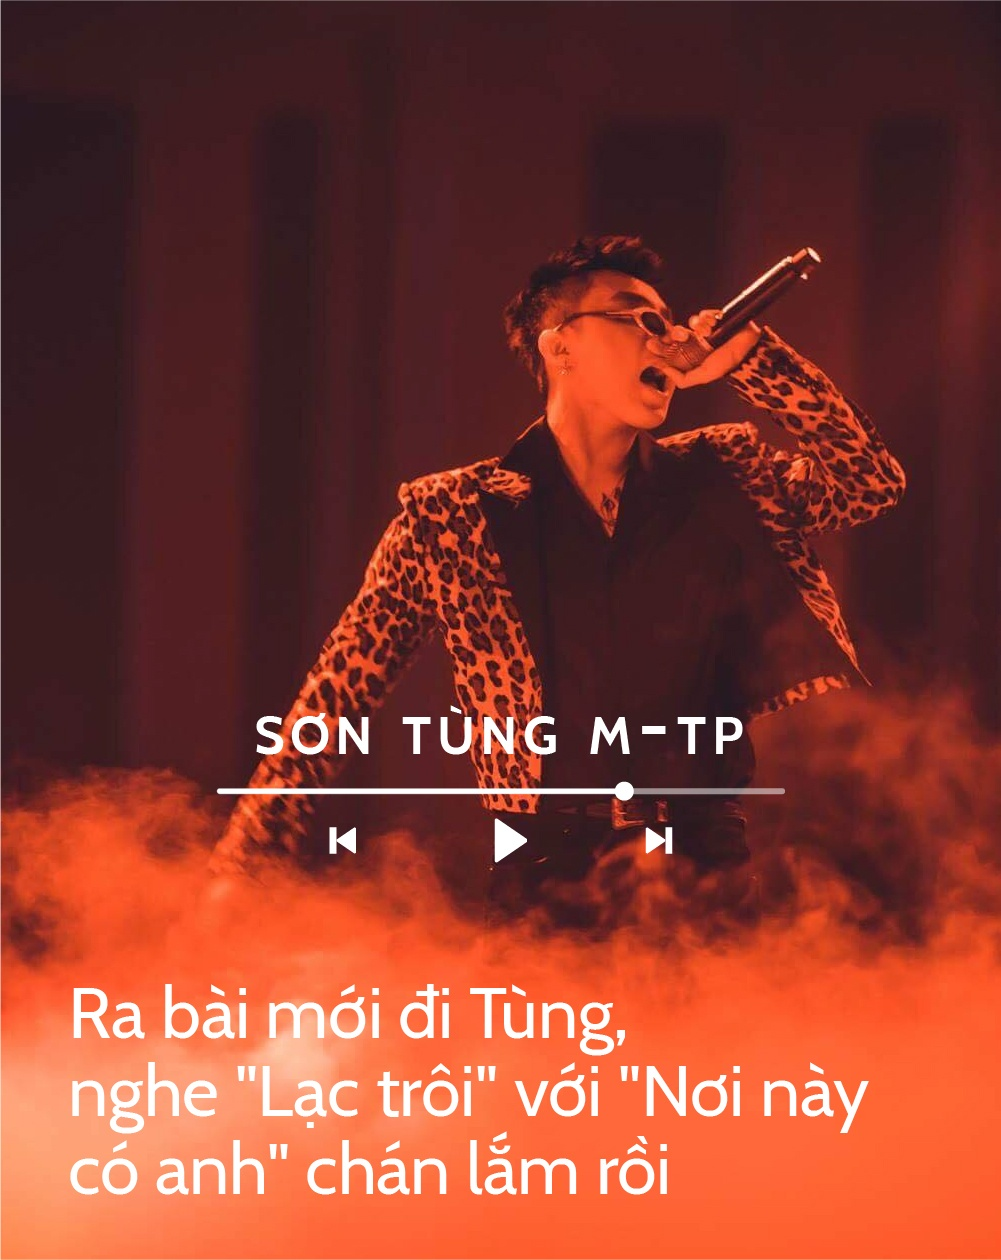 ca si Son Tung M-TP im ang anh 5